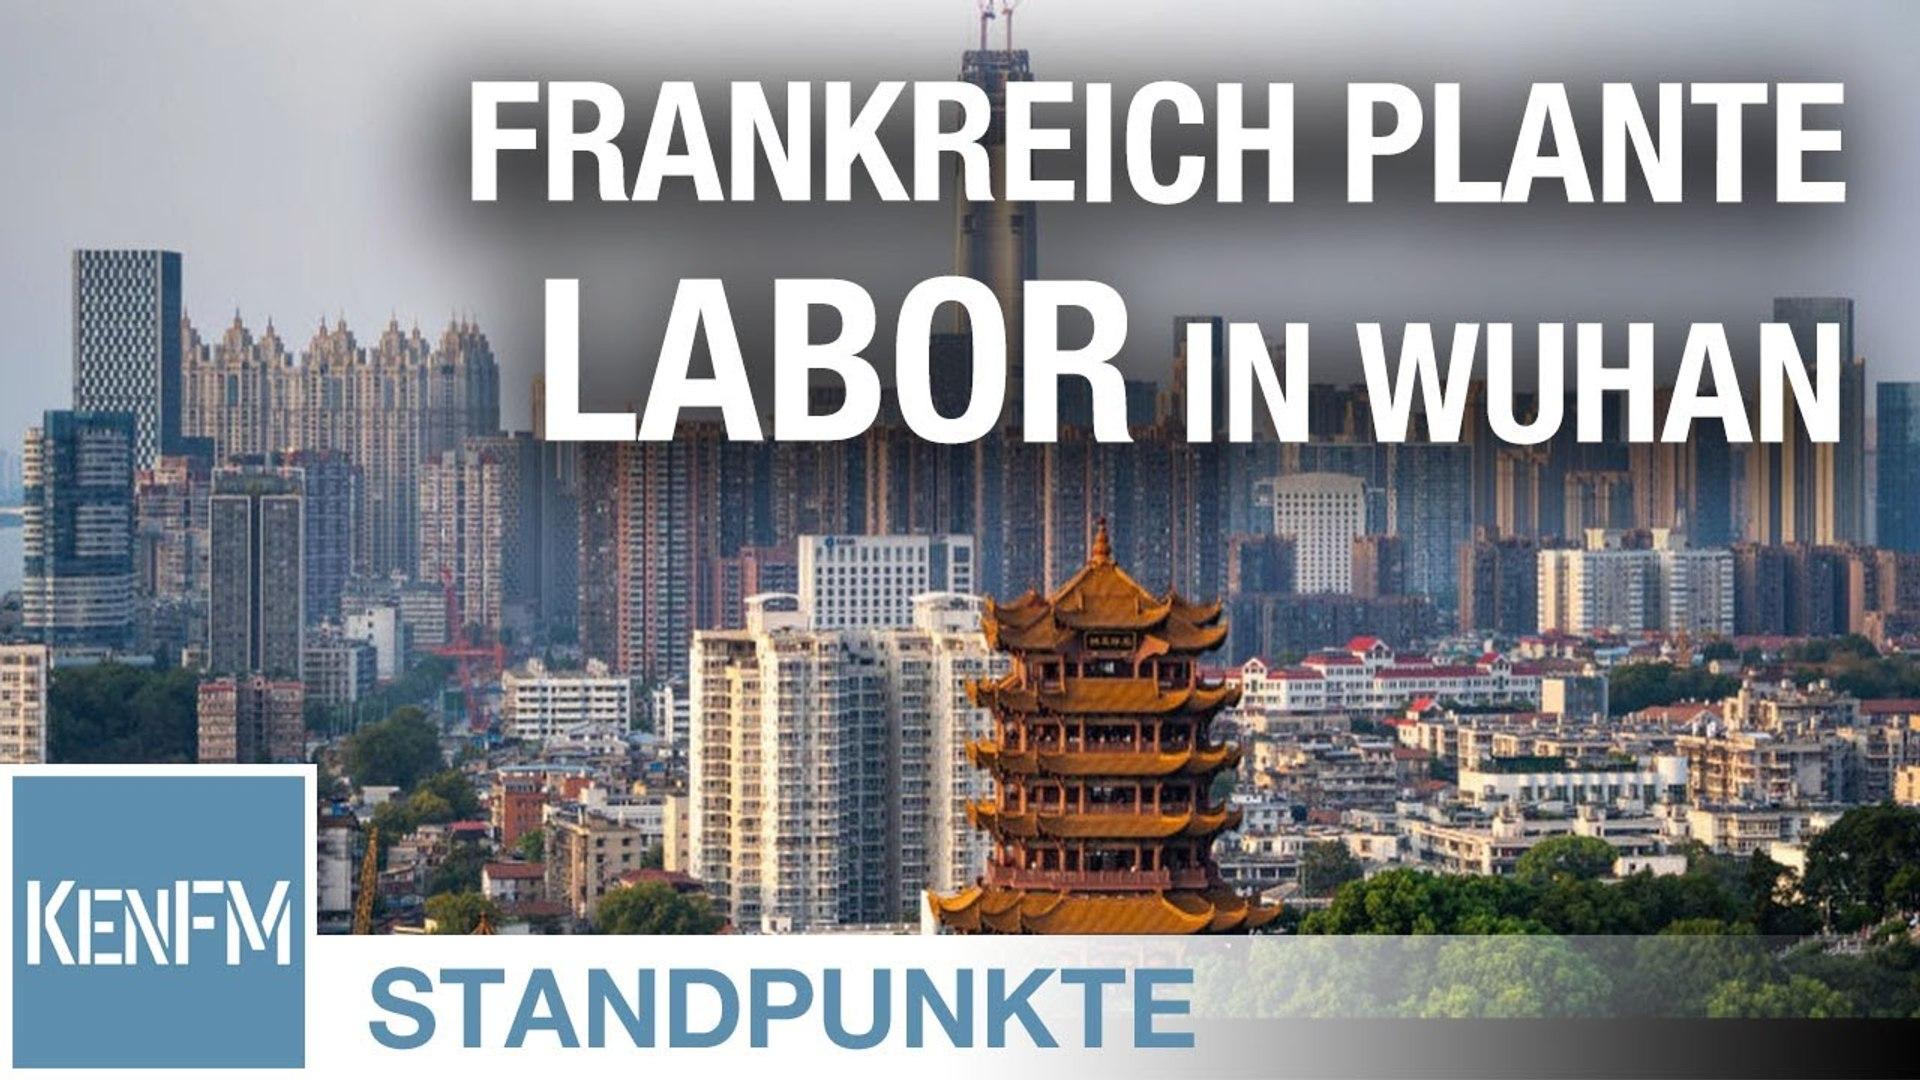 STANDPUNKTE • Frankreich plante P4 Hochsicherheitslabor in Wuhan